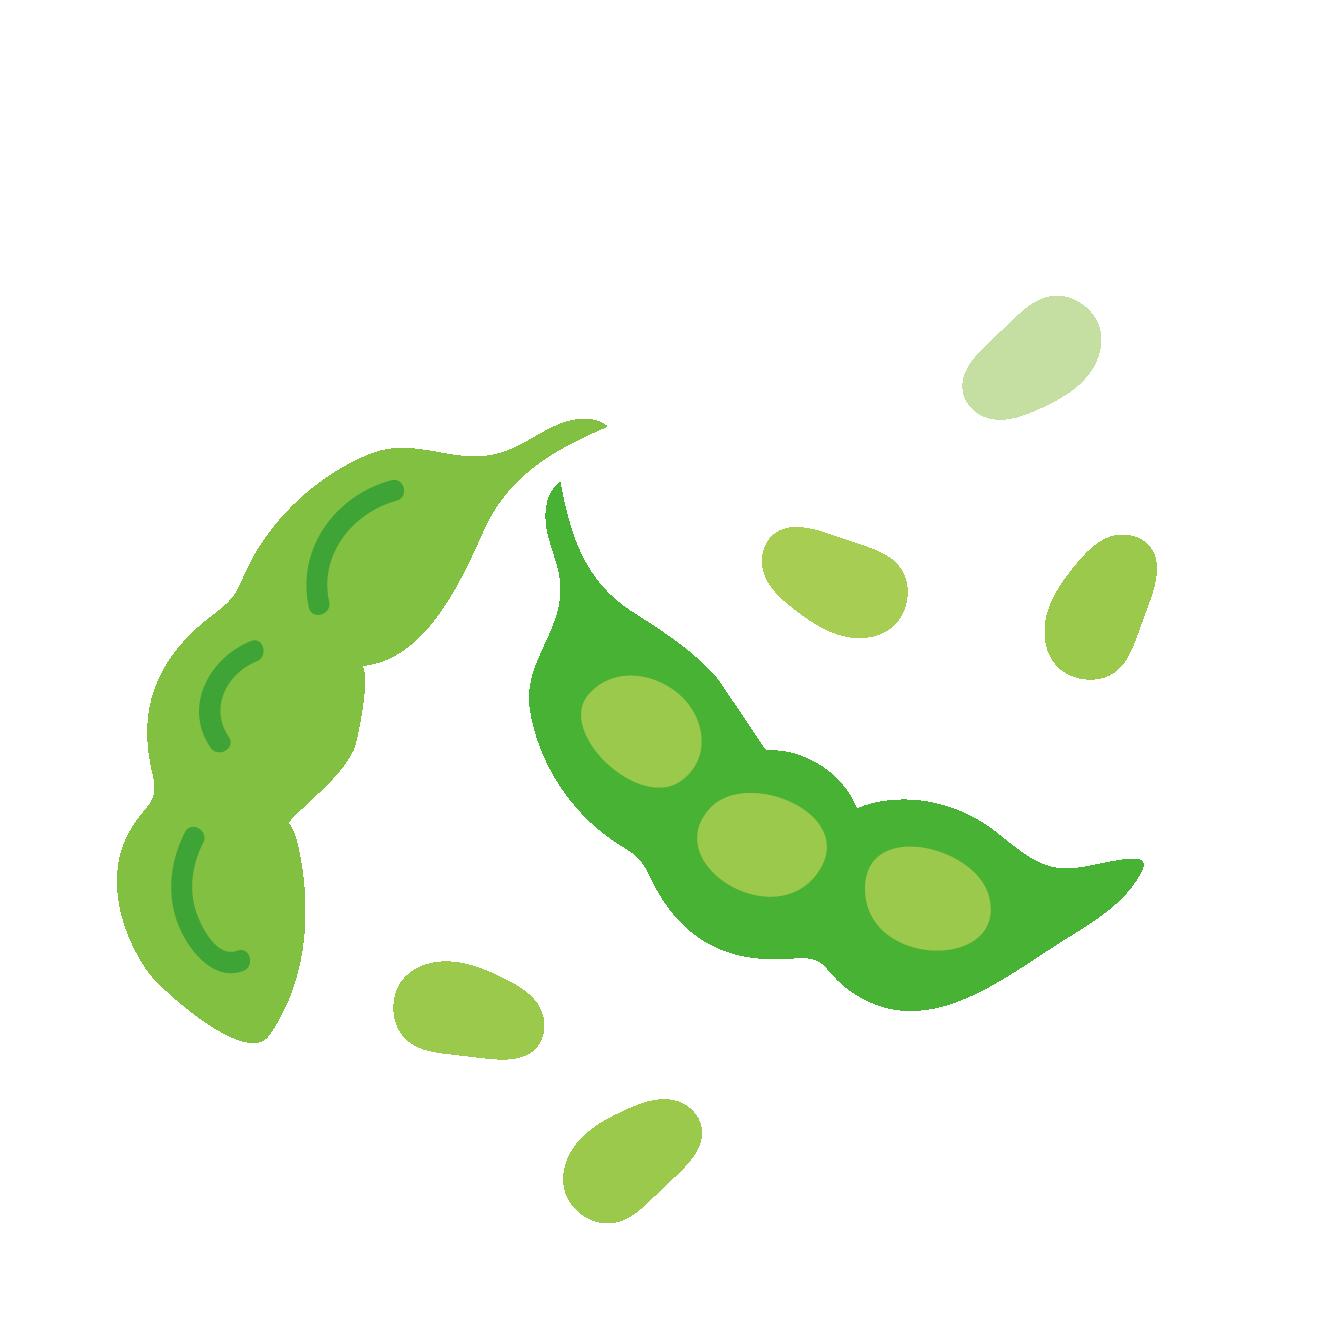 枝豆えだ豆エダマメおつまみ 野菜の 無料 イラスト 商用フリー